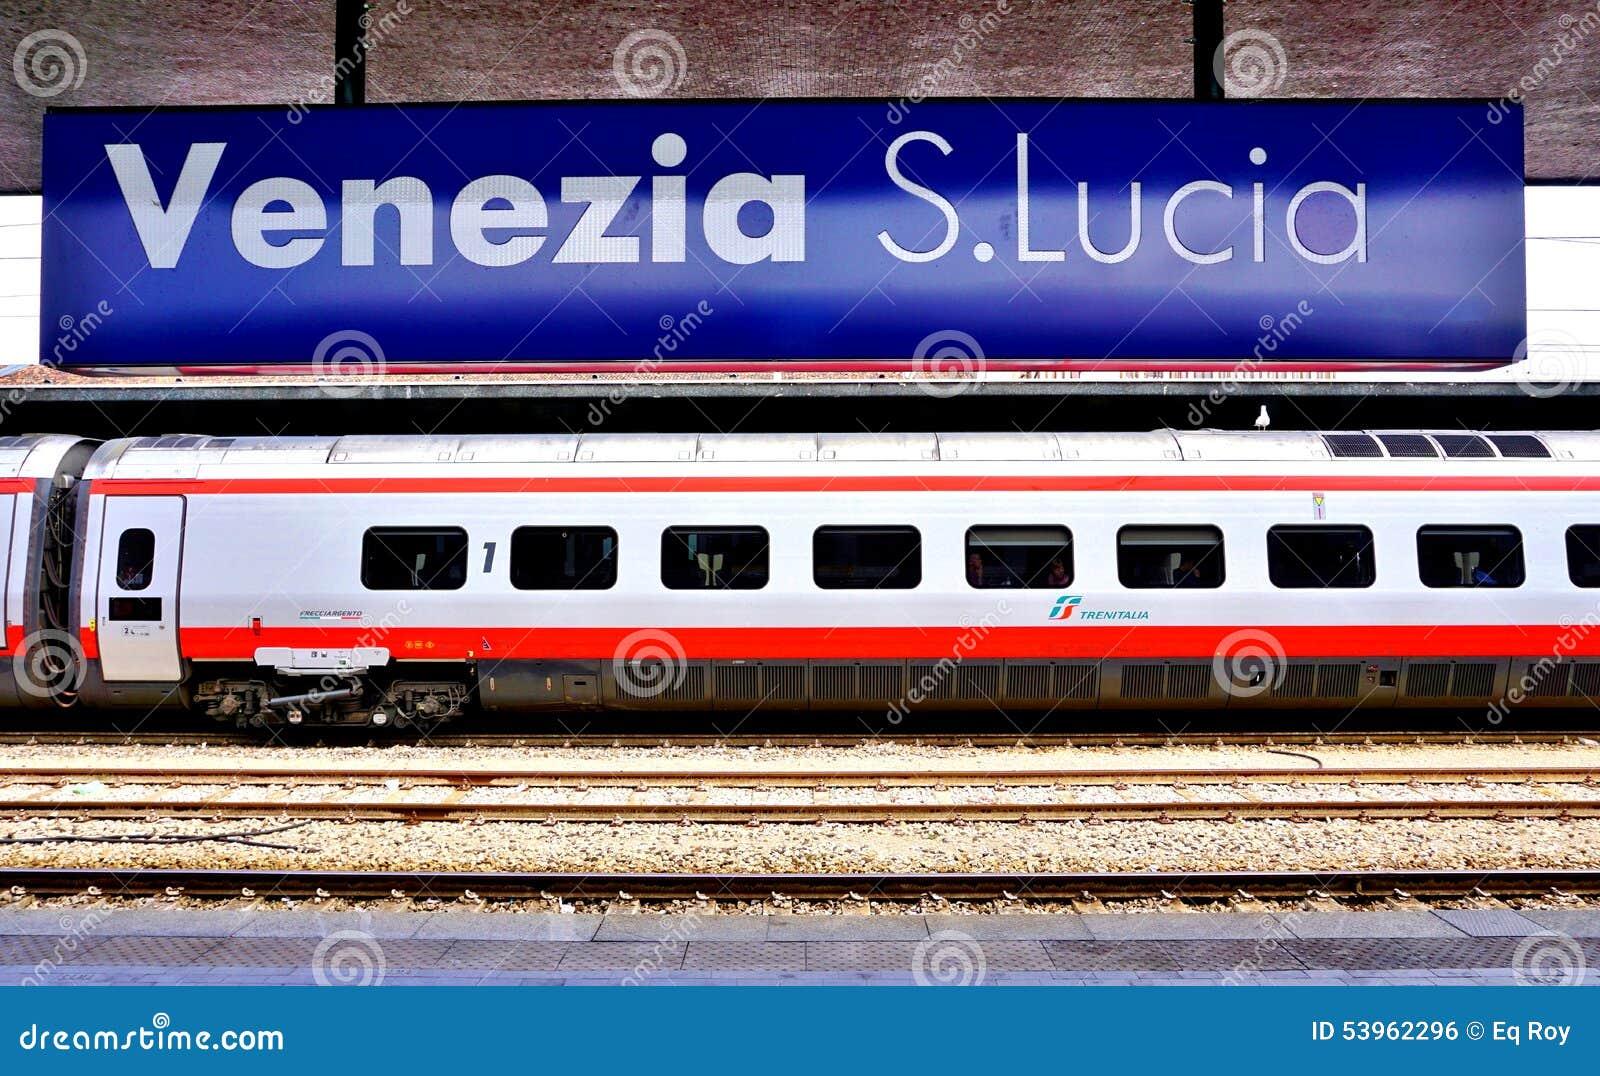 Ένα ιταλικό τραίνο υψηλής ταχύτητας στο σταθμό της Βενετίας